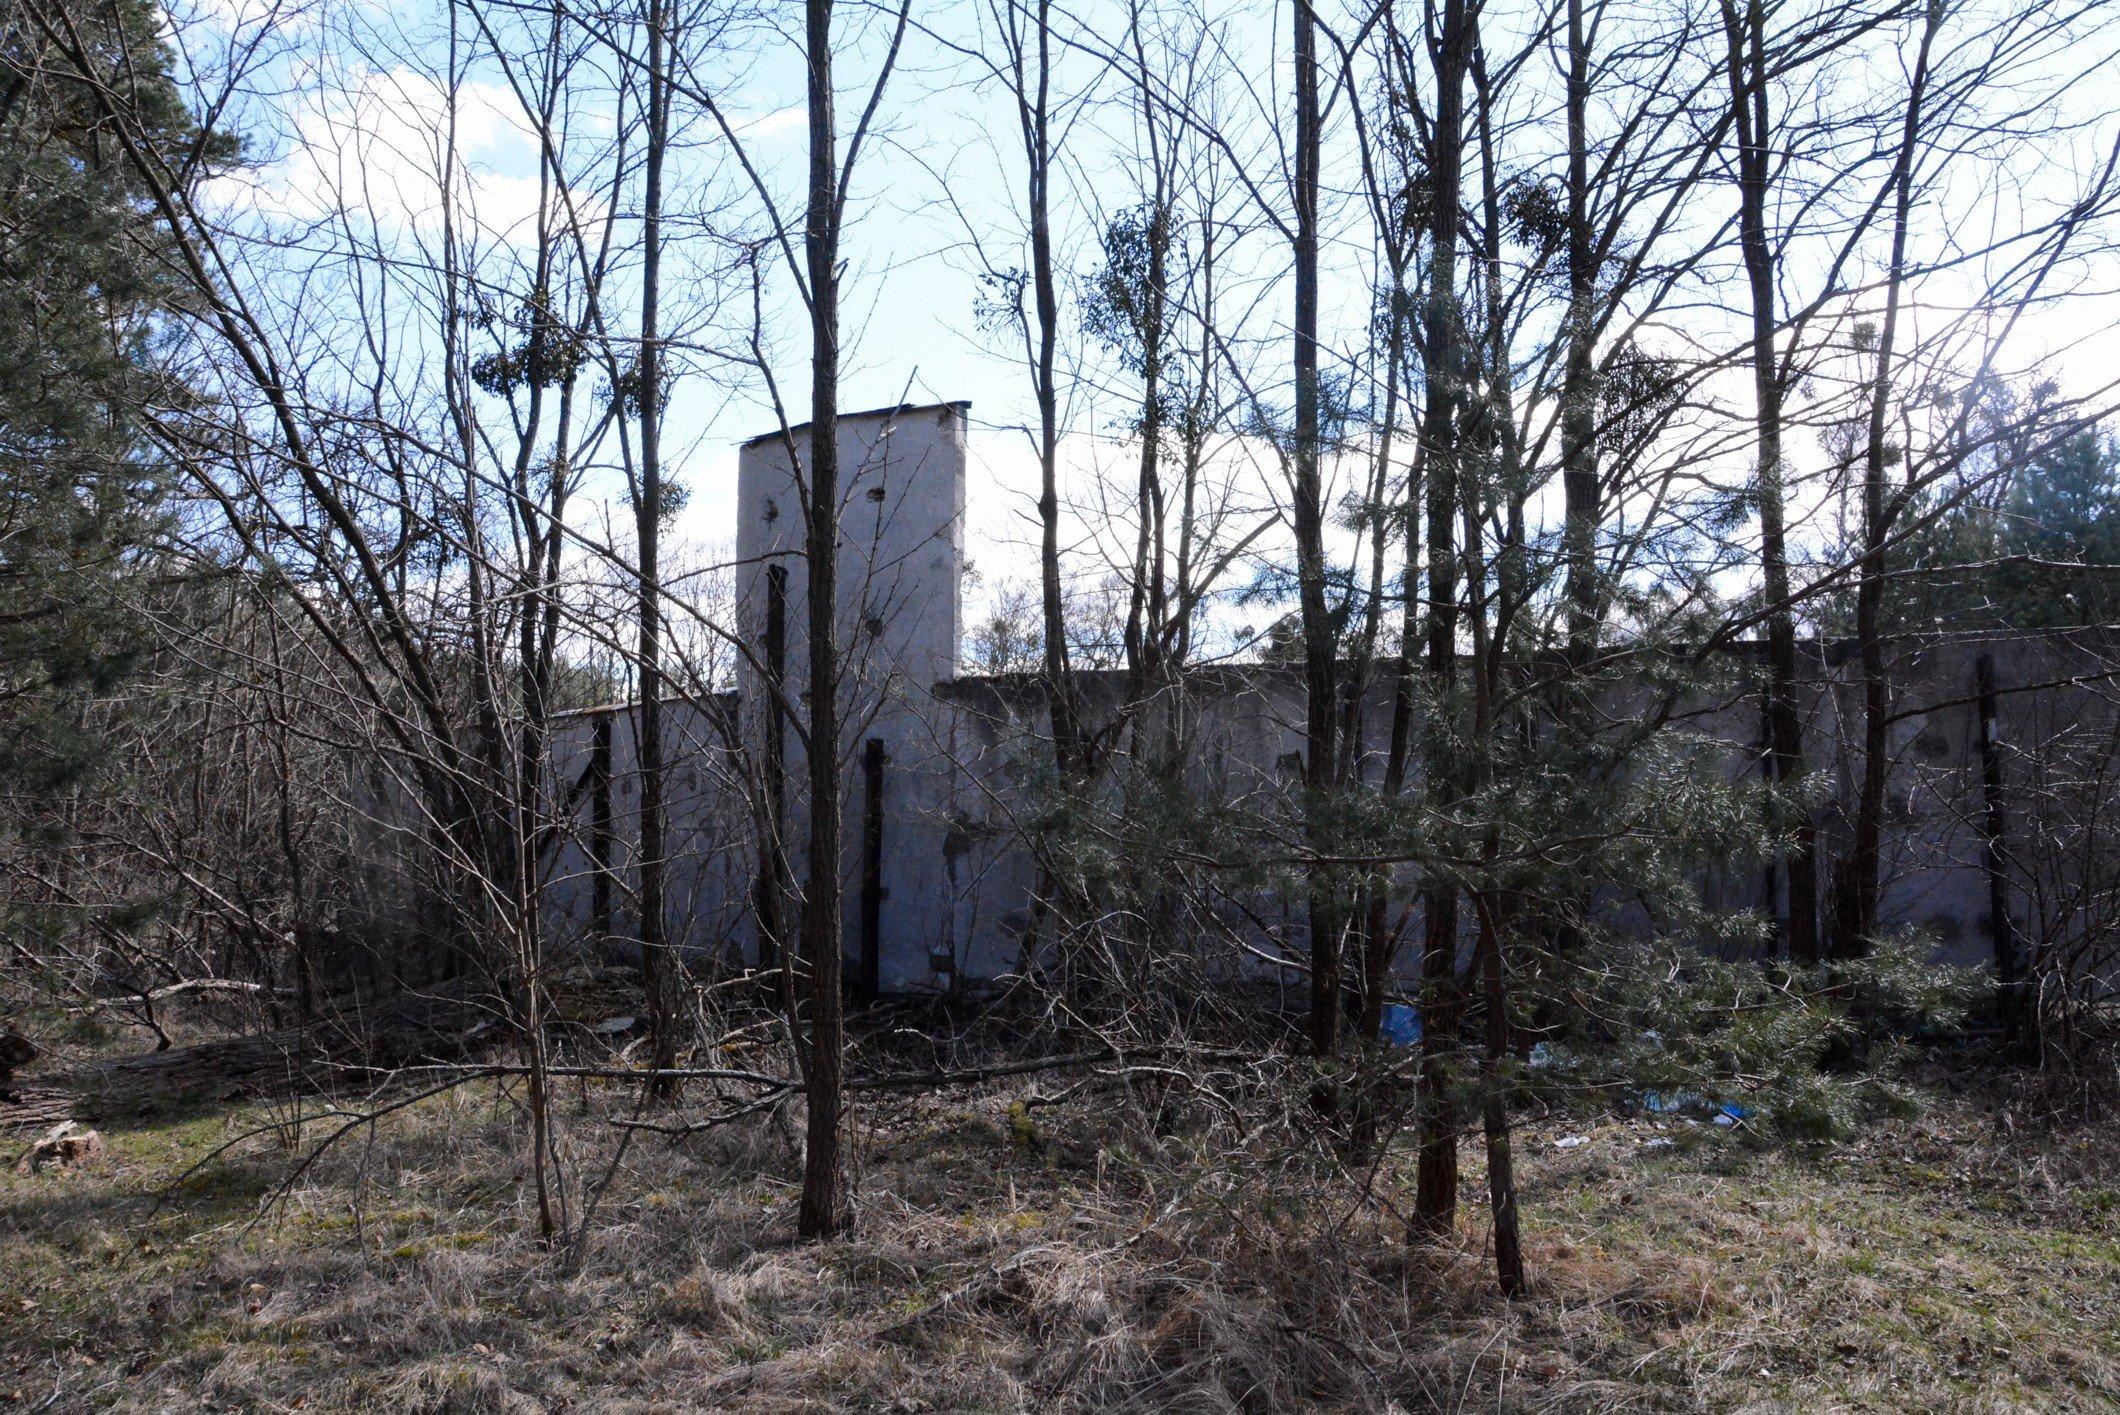 back soviet mural rueckseite ehrenmal soviet war memorial sowjetisches ehrenmal fürstenberg drögen brandenburg deutschland lost places urbex abandoned